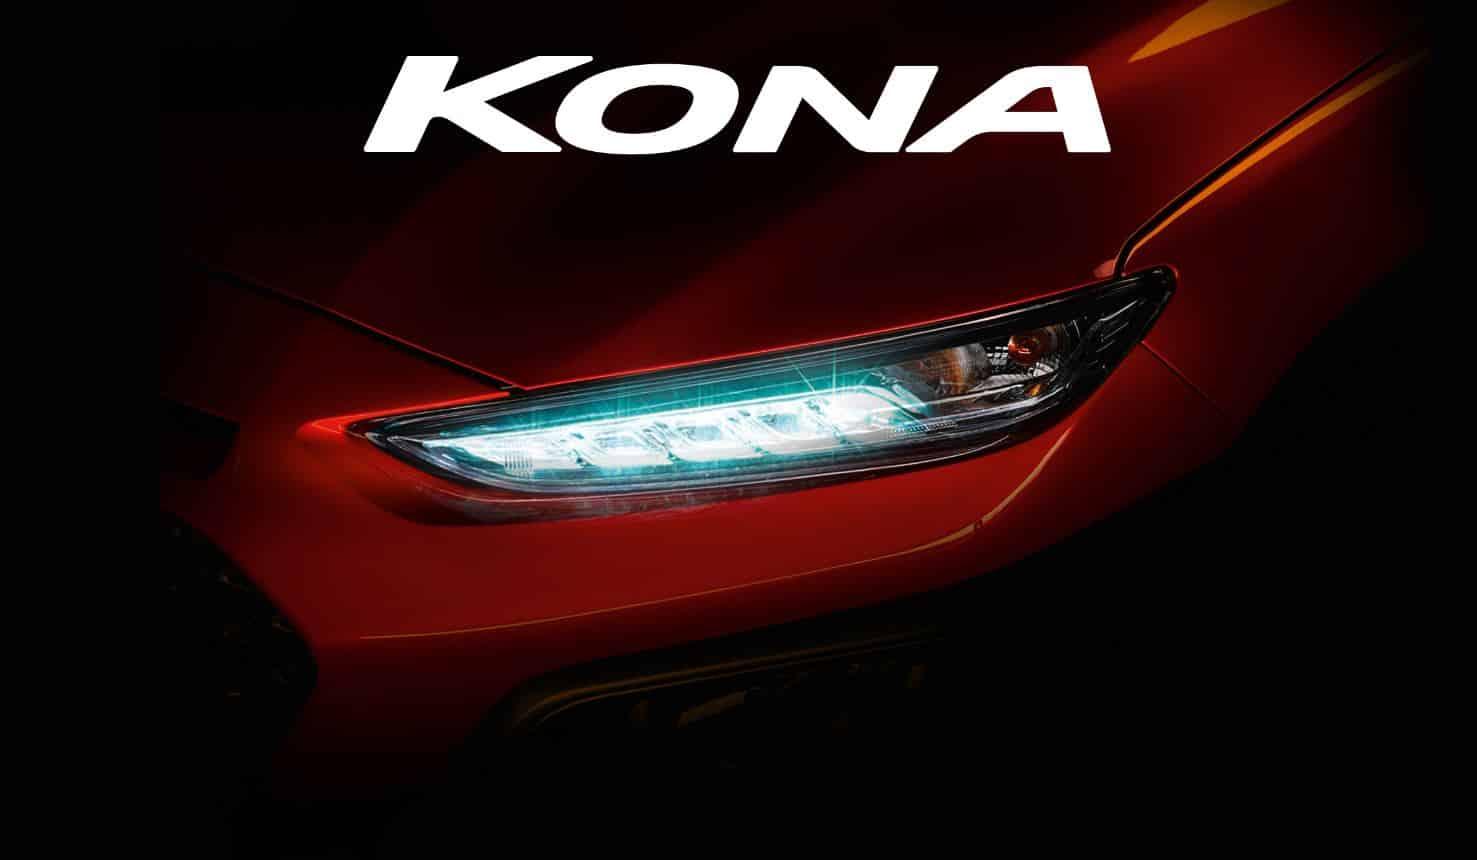 Ya sabemos el nombre del nuevo SUV de Hyundai: ¡Se llamará Kona!